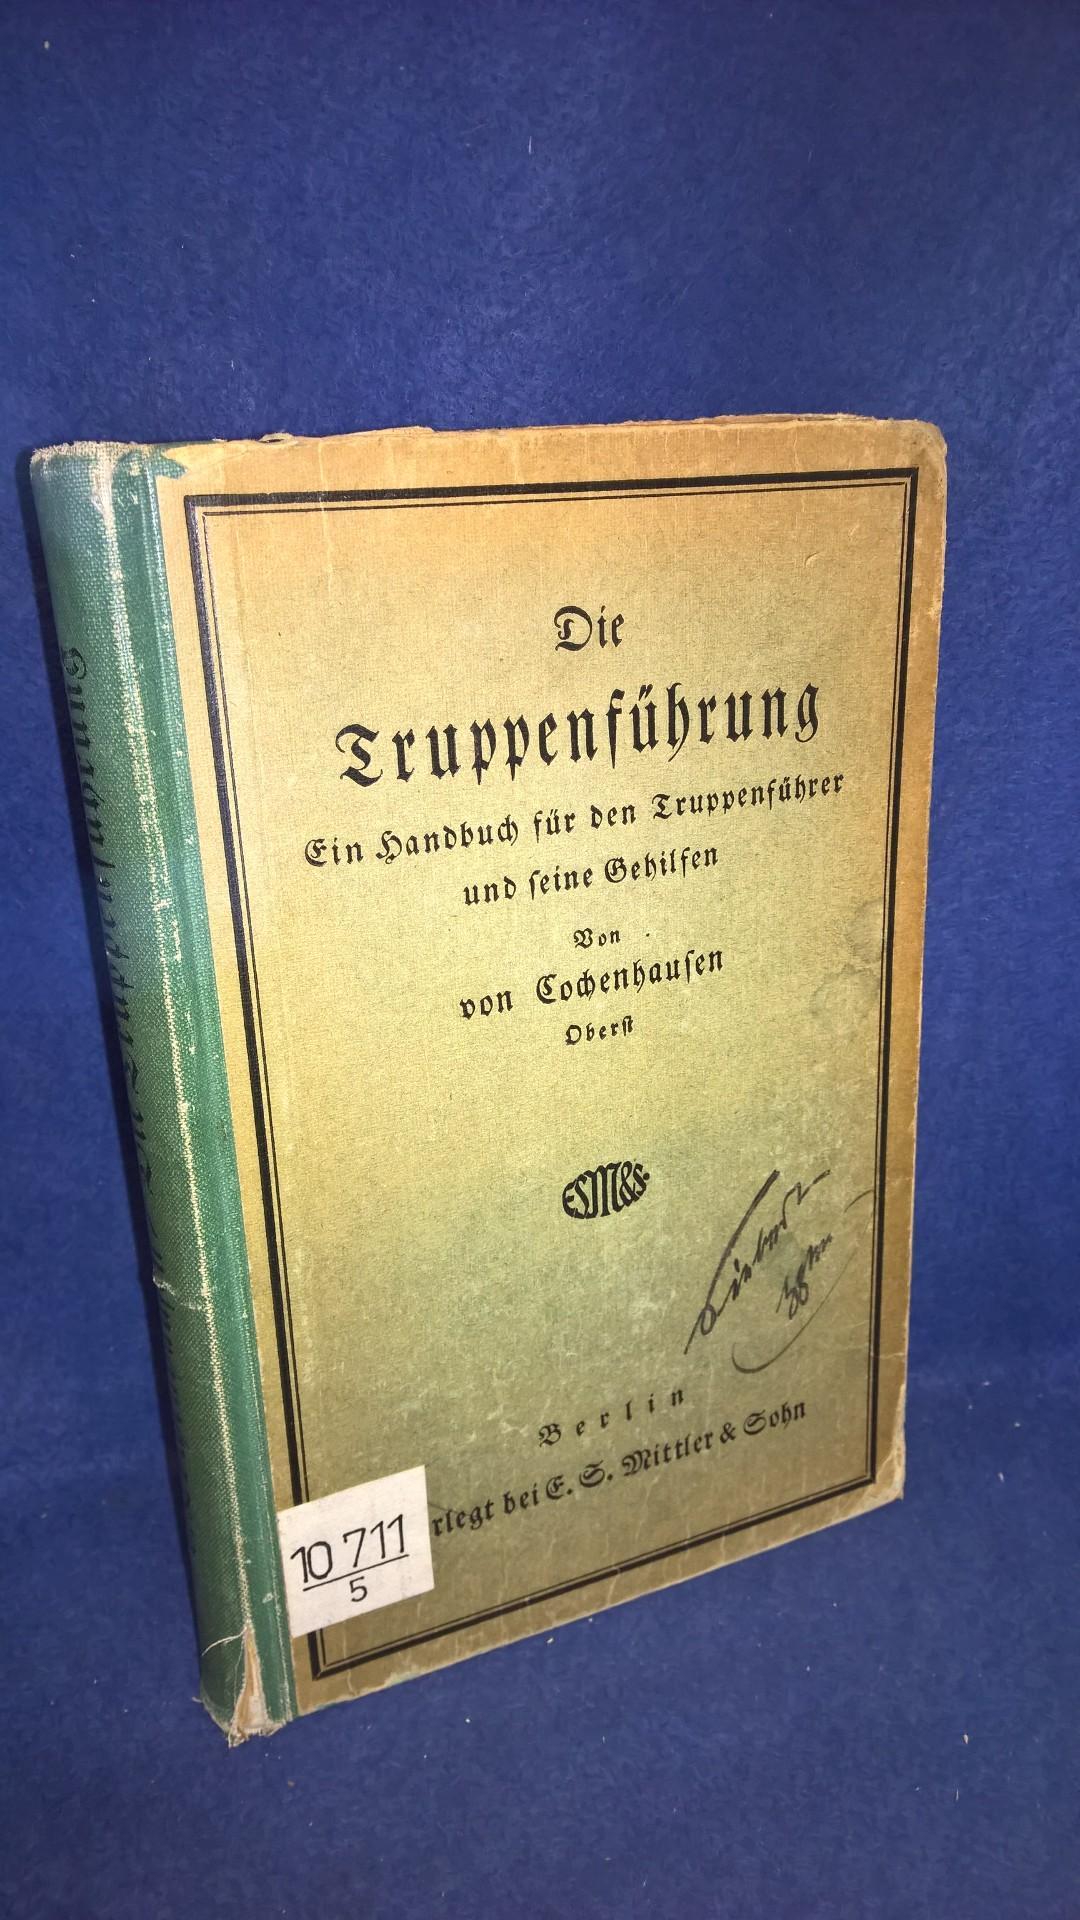 Die Truppenführung. Ein Handbuch für den Truppenführer und seine Gehilfen.